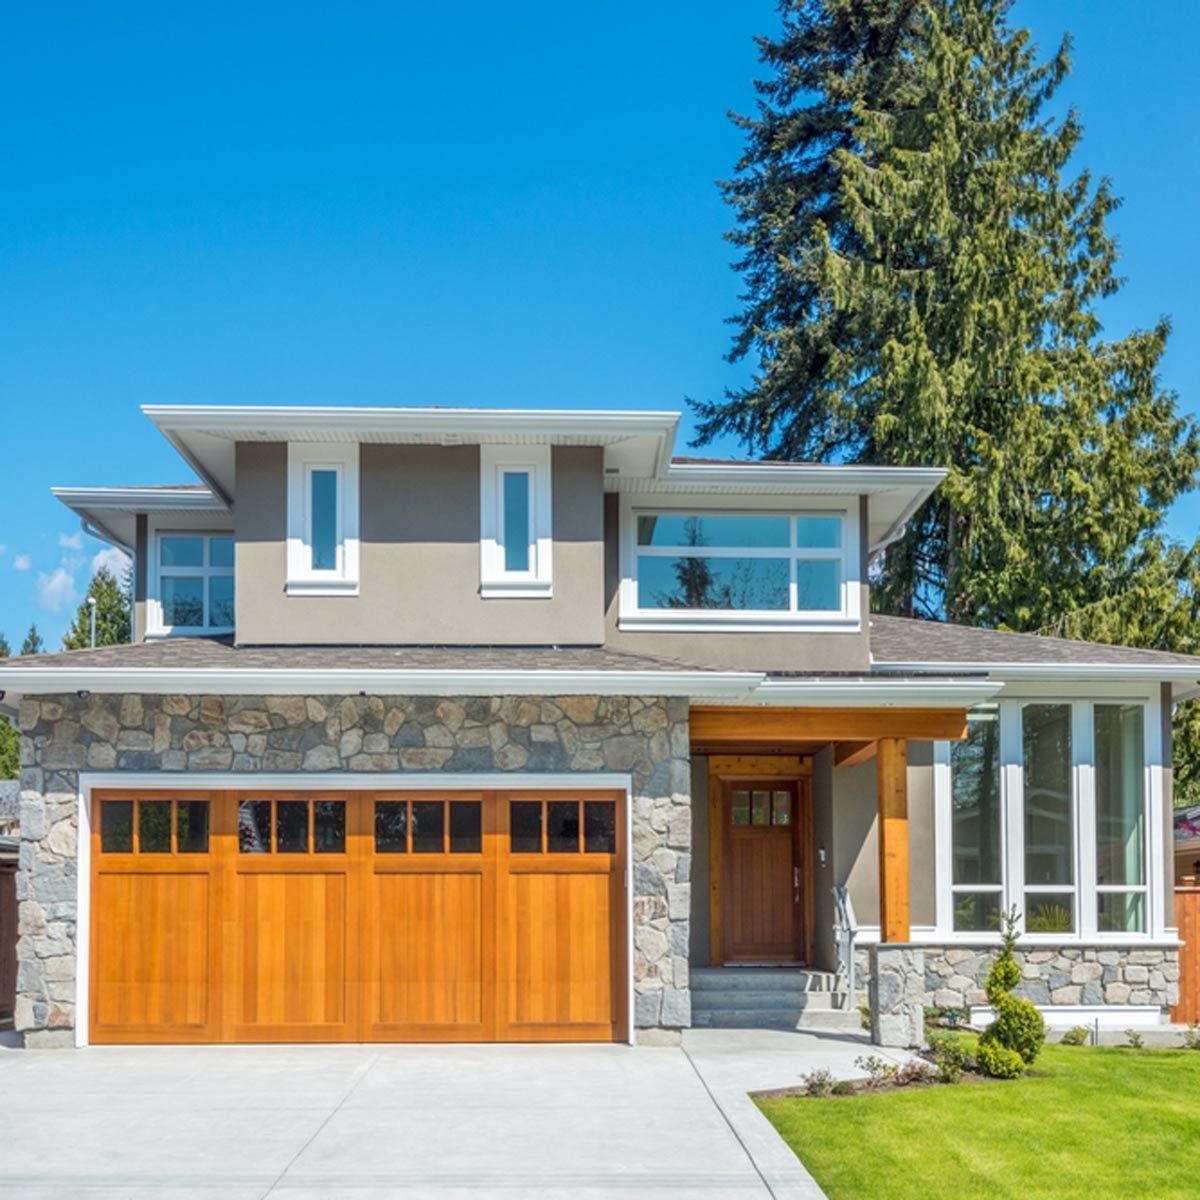 home exterior with wooden garage doors